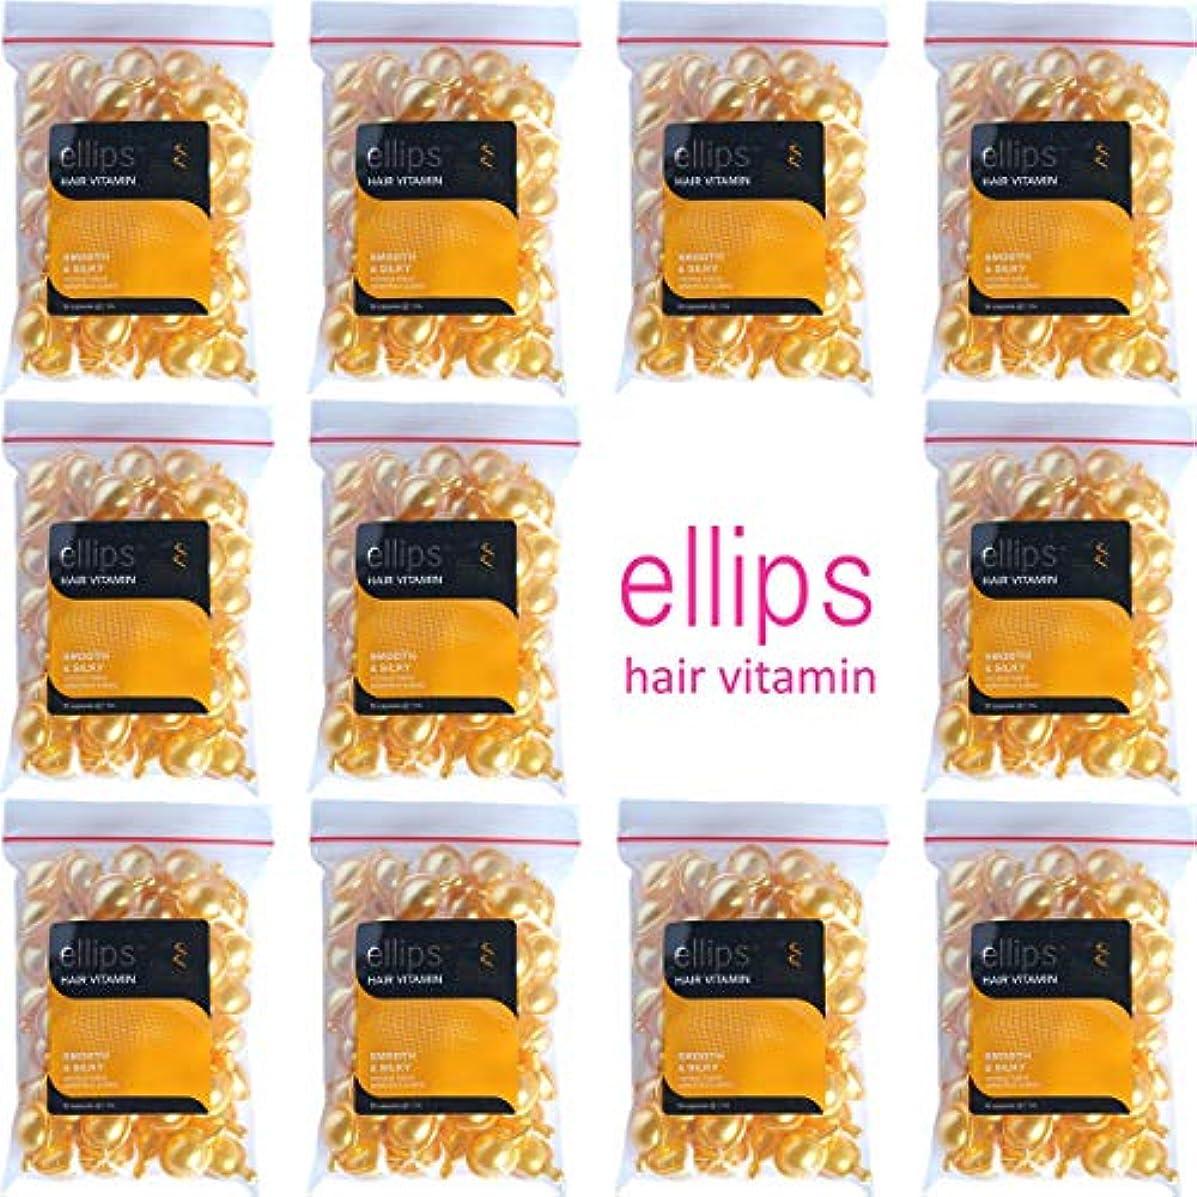 十分ユダヤ人因子ellips エリプス エリップス ヘアビタミン ヘアオイル 洗い流さないトリートメント プロケラチン配合 袋詰め 50粒入×11個セット イエロー [海外直送品]